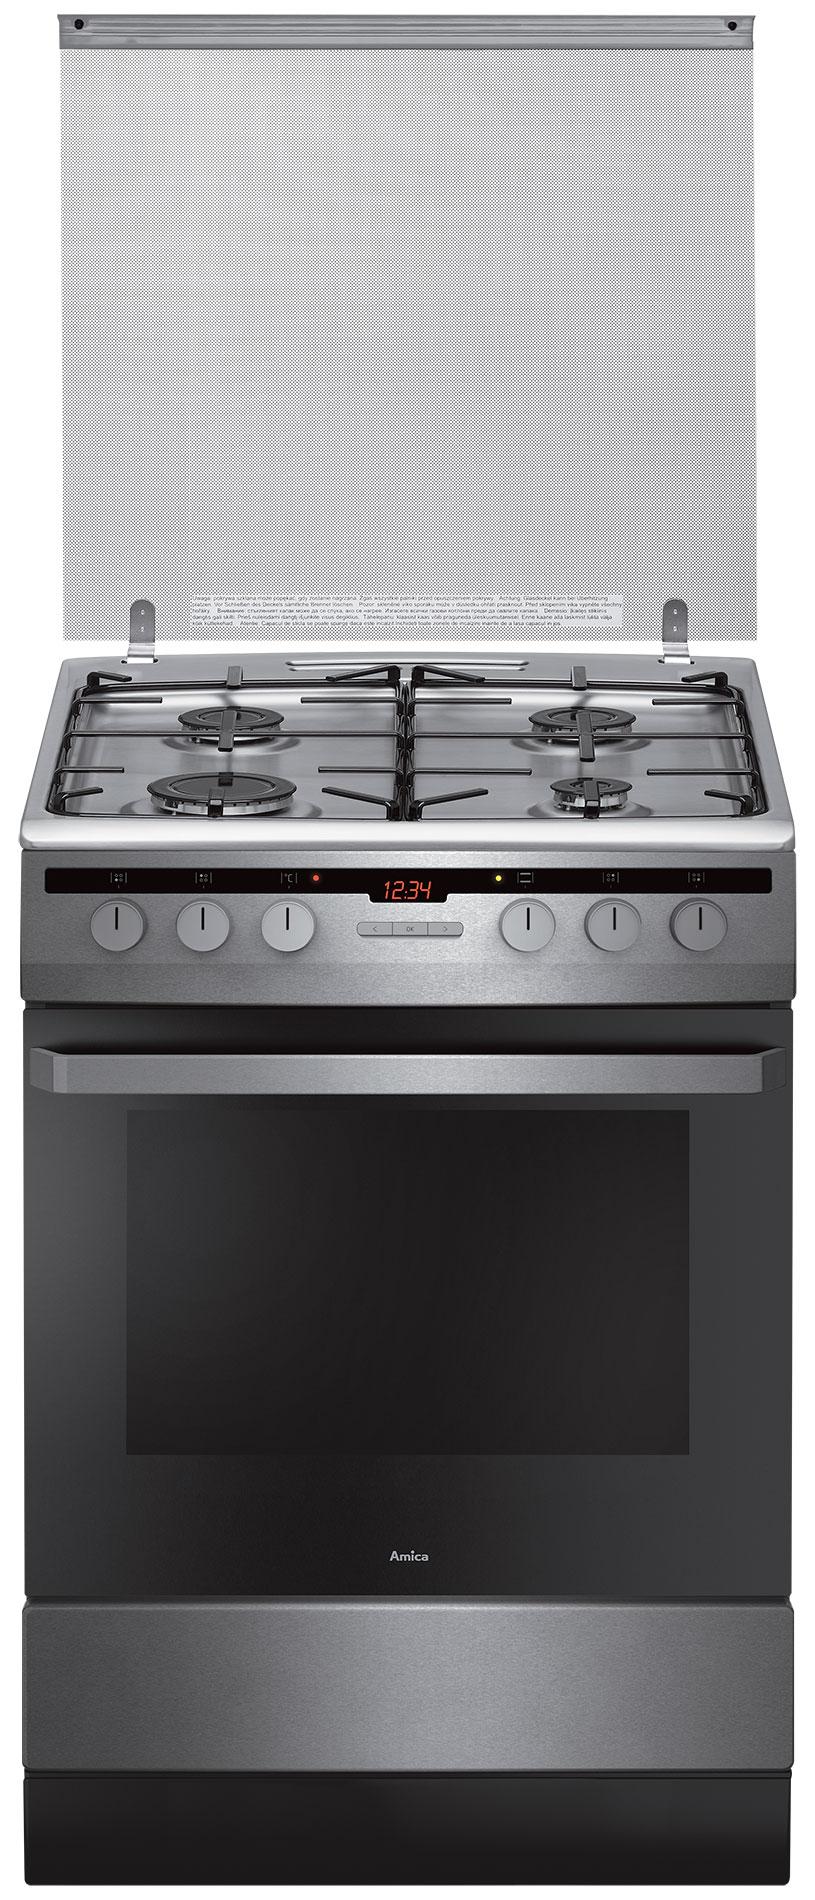 Kuchnia wolnostojąca gazowo elektryczna 618GES2 33HZpTaN(Xx)  Amica -> Kuchnie Gazowe Elektryczne Amica